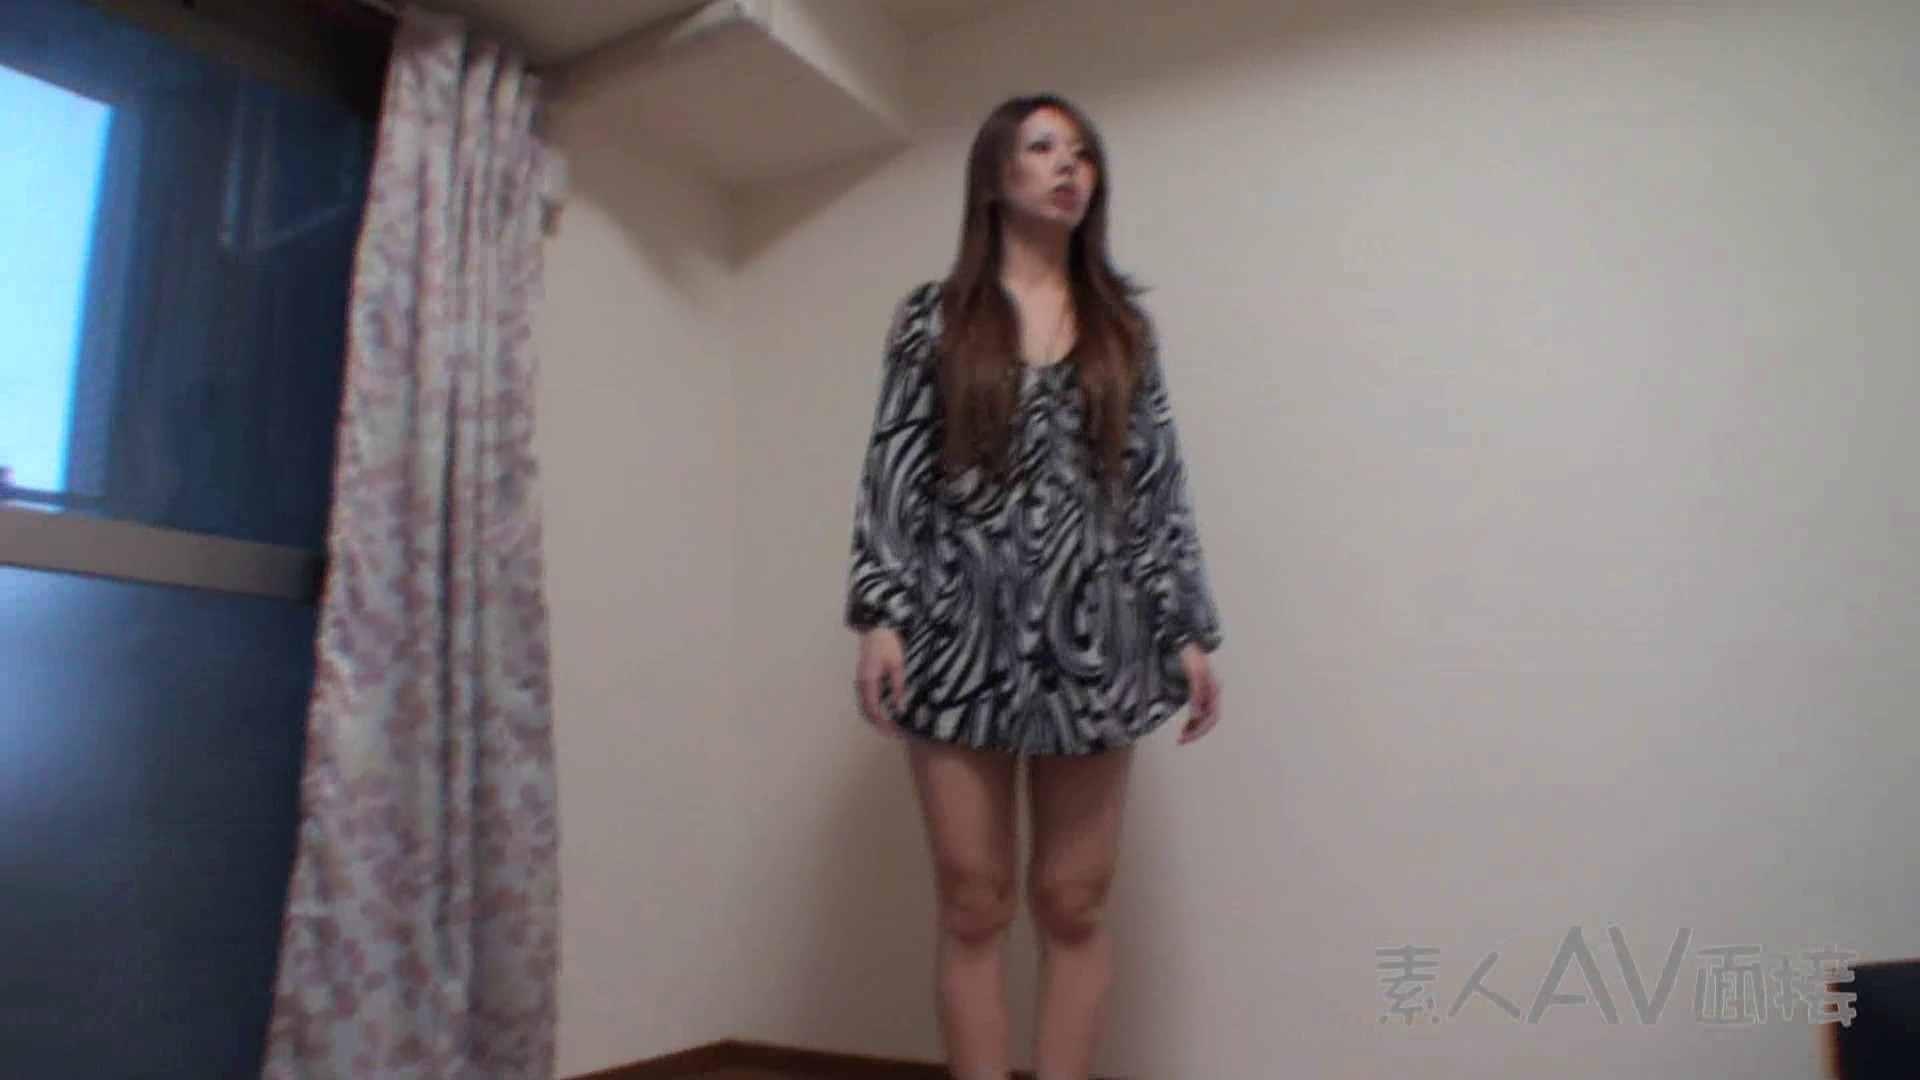 素人嬢がAV面接にやって来た。 仮名みゆきさん 素人流出動画   メーカー直接買い取り  88枚 43